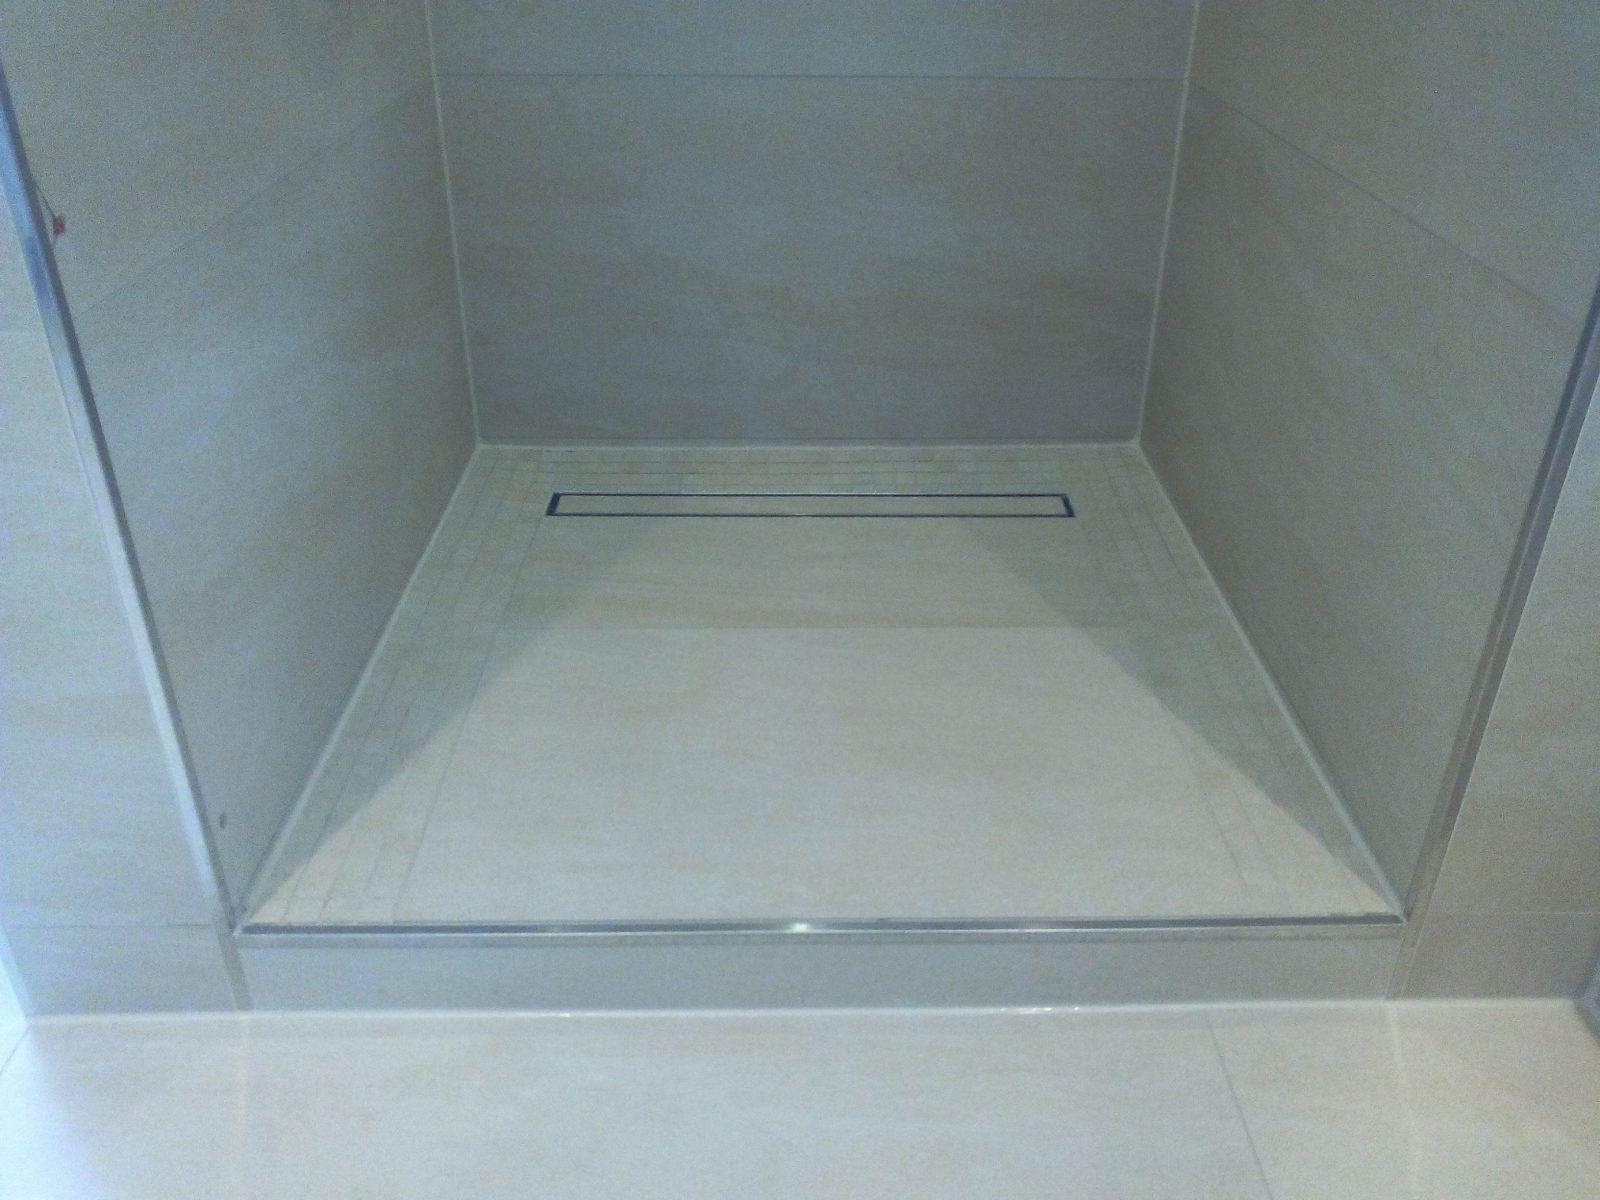 Verwunderlich Ebenerdige Dusche Ablauf Bodengleiche Dusche Ablauf von Ablauf Für Bodengleiche Dusche Bild